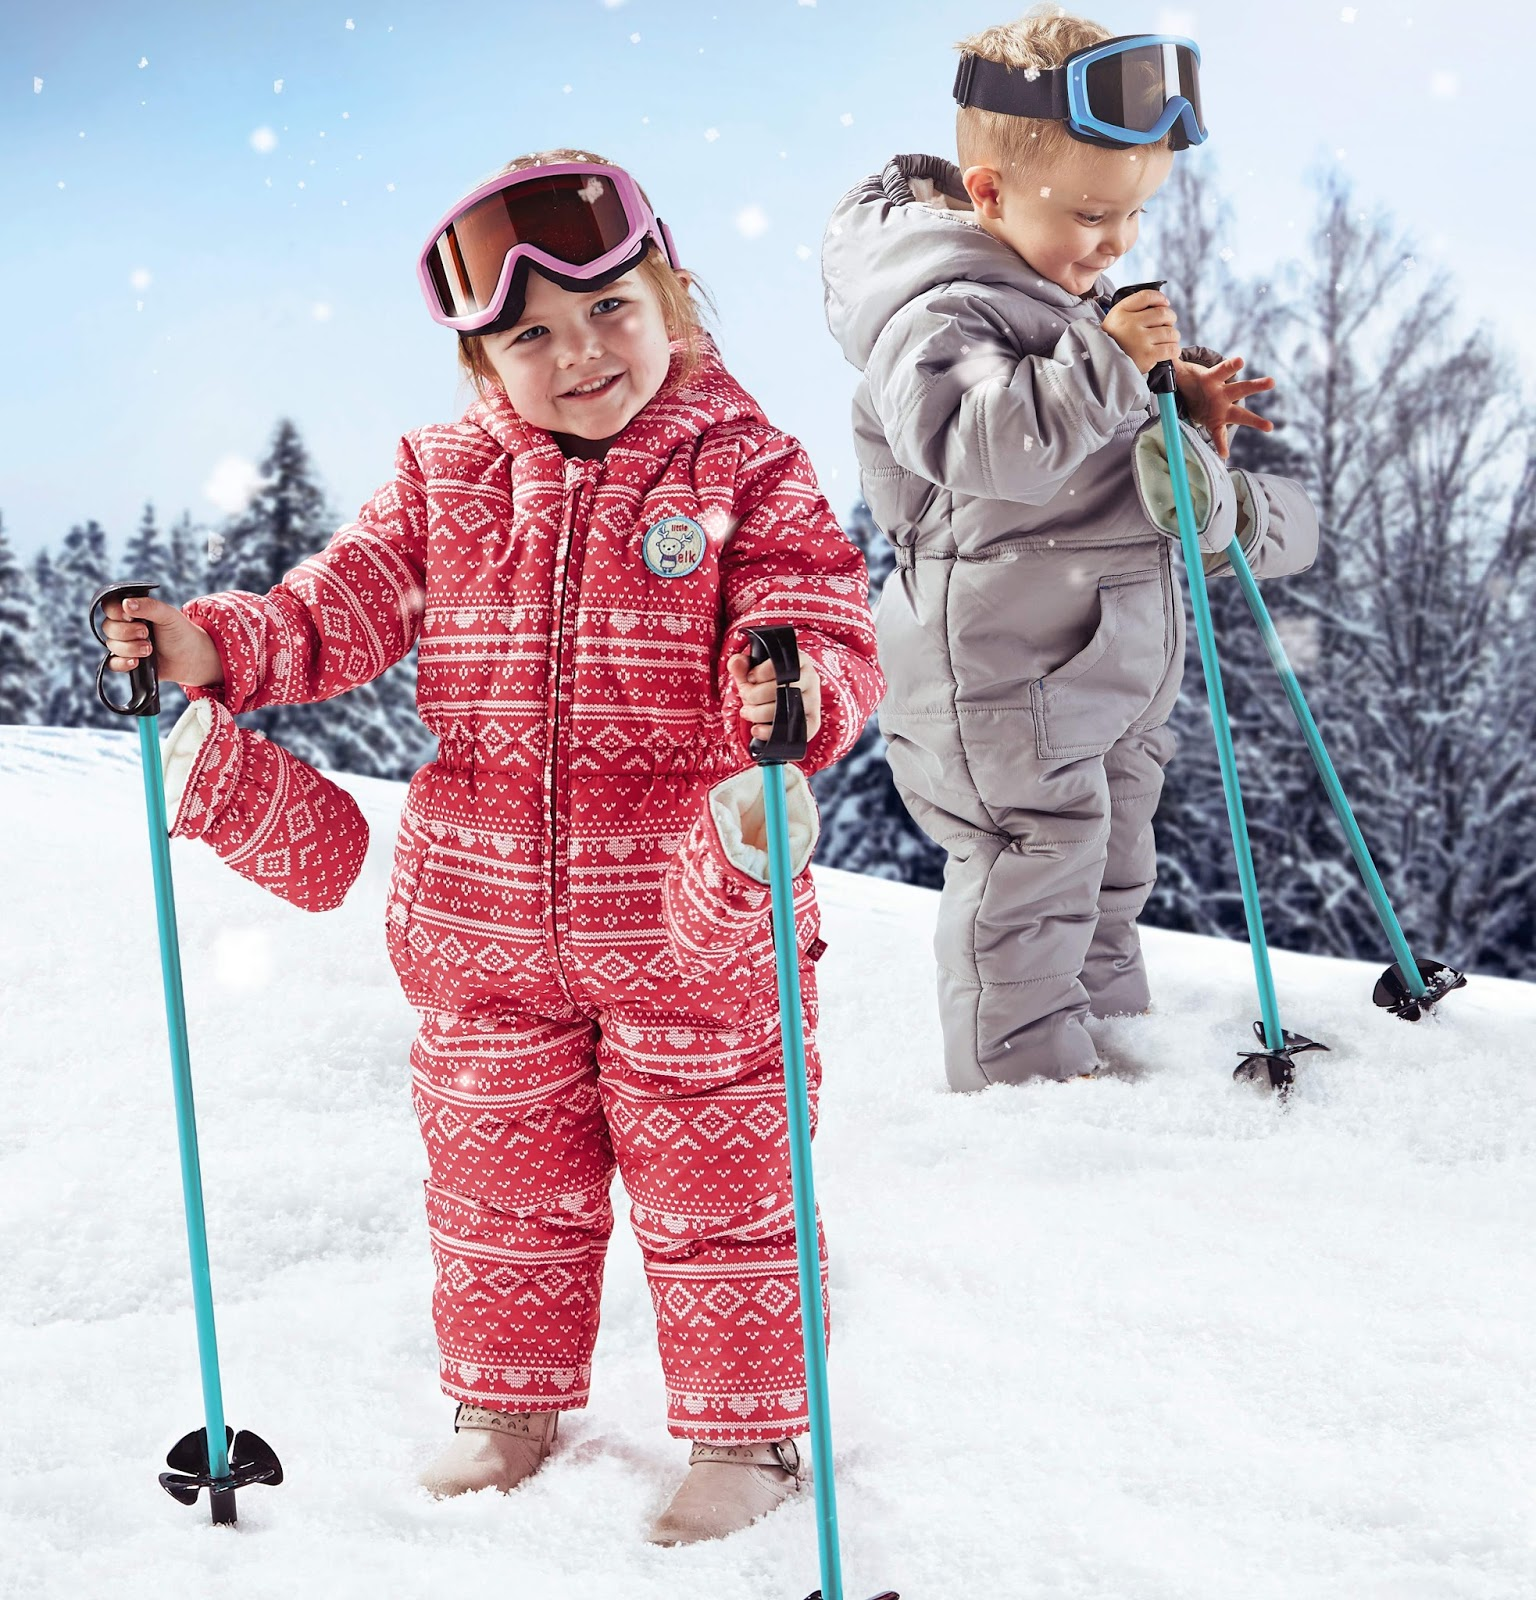 Buy Snowboard Clothing Uk